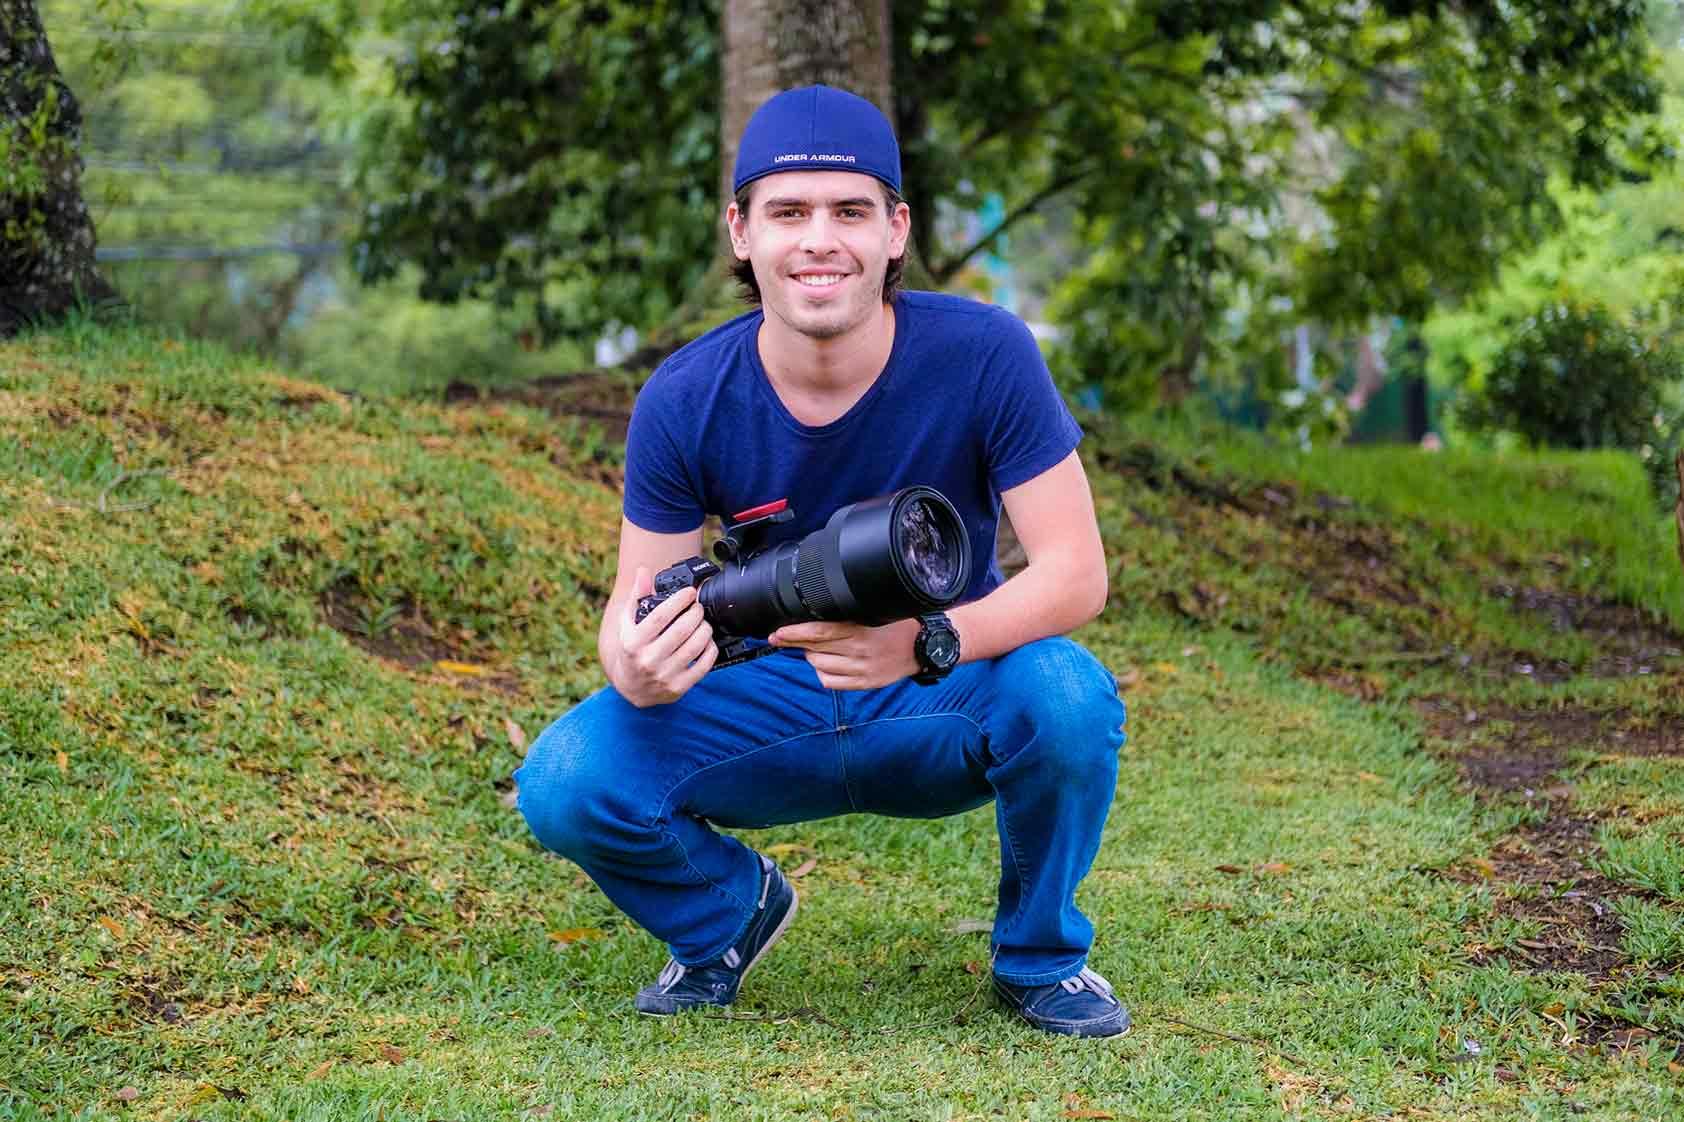 """Andrés Novales: """"Cuando estoy en la selva, soy solo yo, mi cámara y los animales""""."""